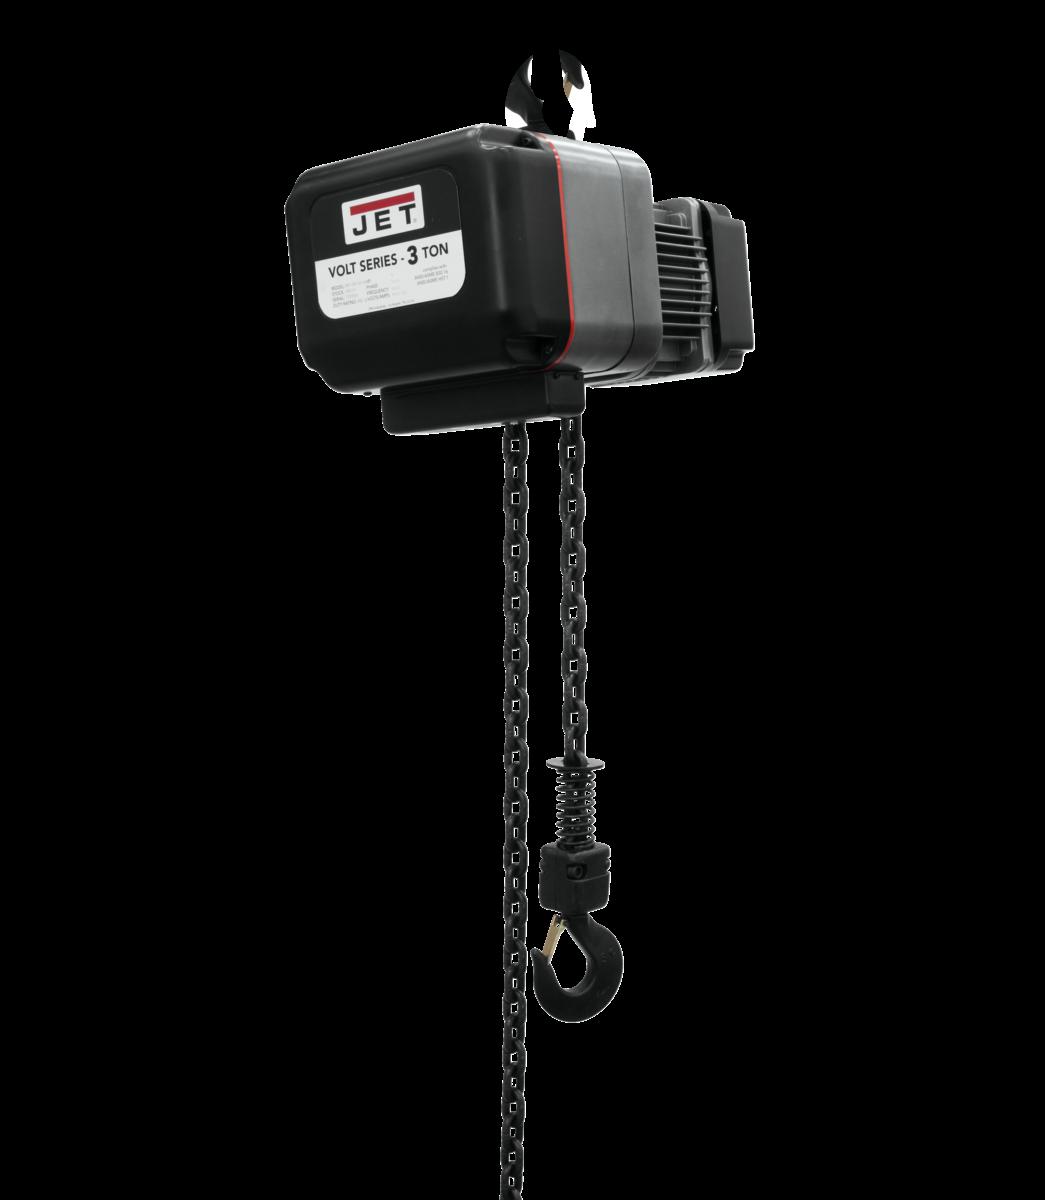 VOLT 3T VARIABLE-SPEED ELECTRIC HOIST  3PH 230V 10' LIFT